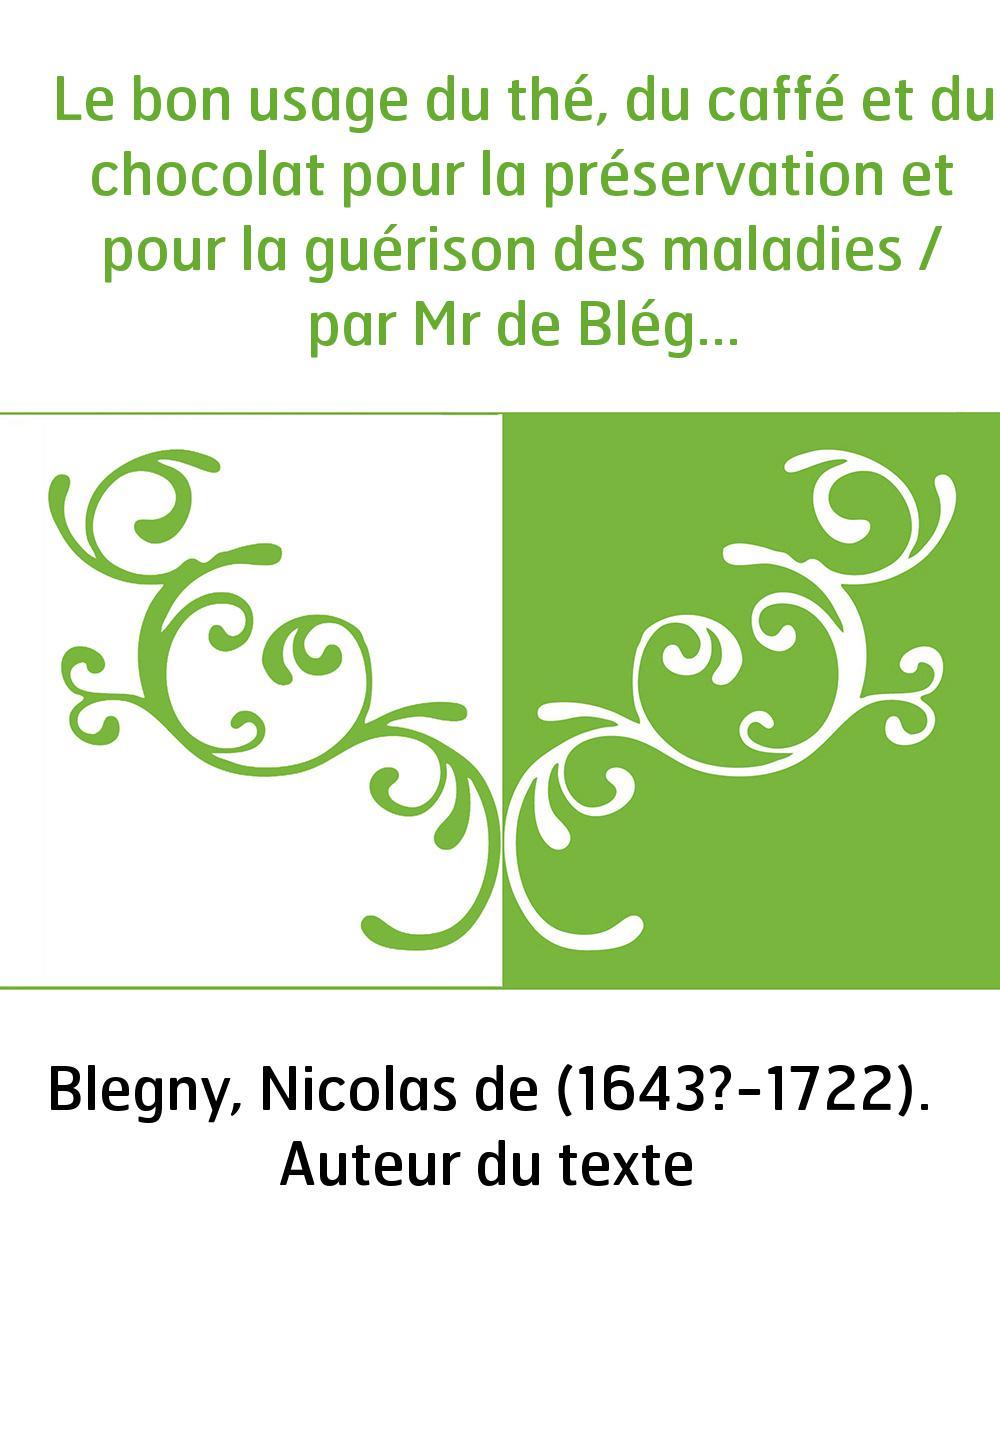 Le bon usage du thé, du caffé et du chocolat pour la préservation et pour la guérison des maladies / par Mr de Blégny,...